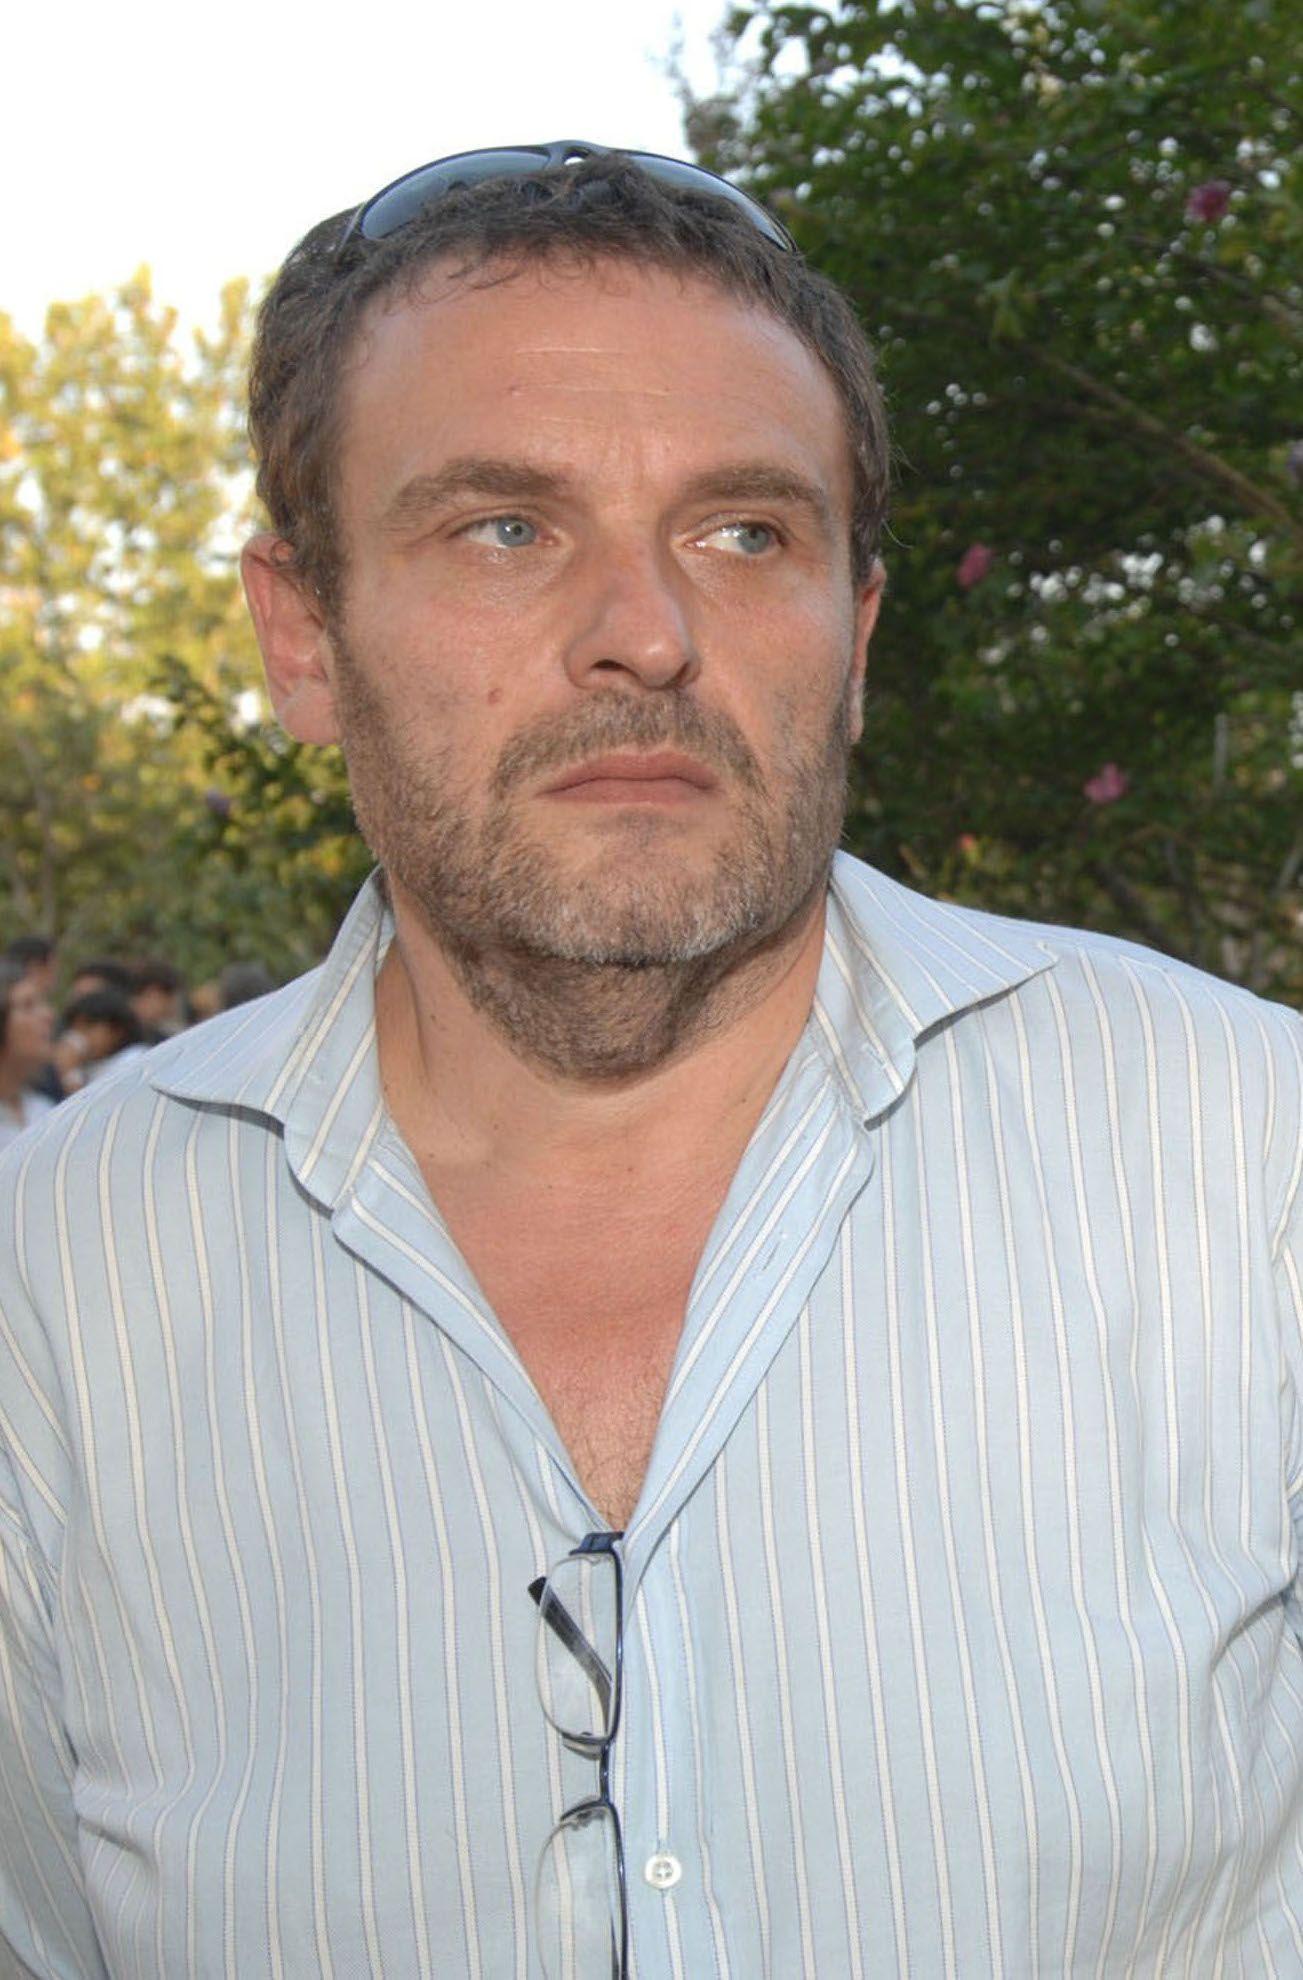 Paolo Onofri